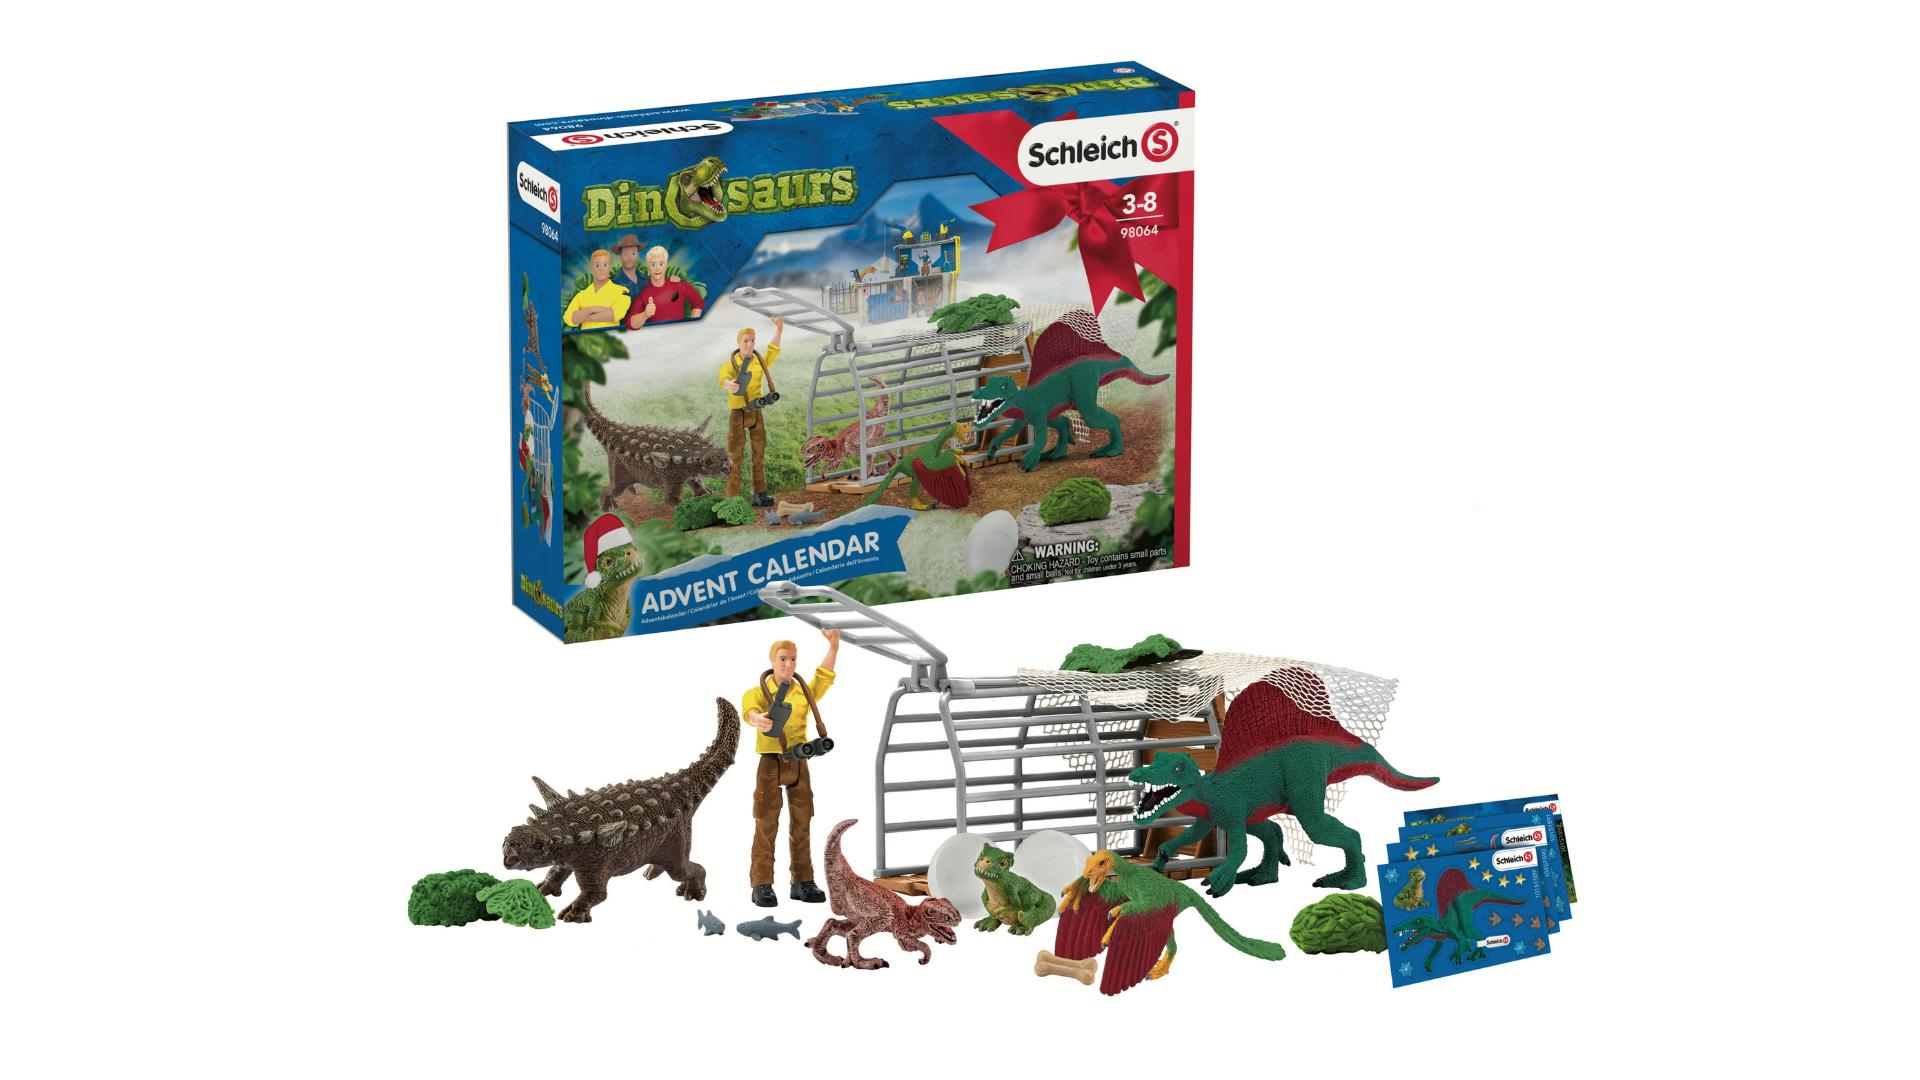 Calendrier de l'avent pour dinosaures Schleich 2021